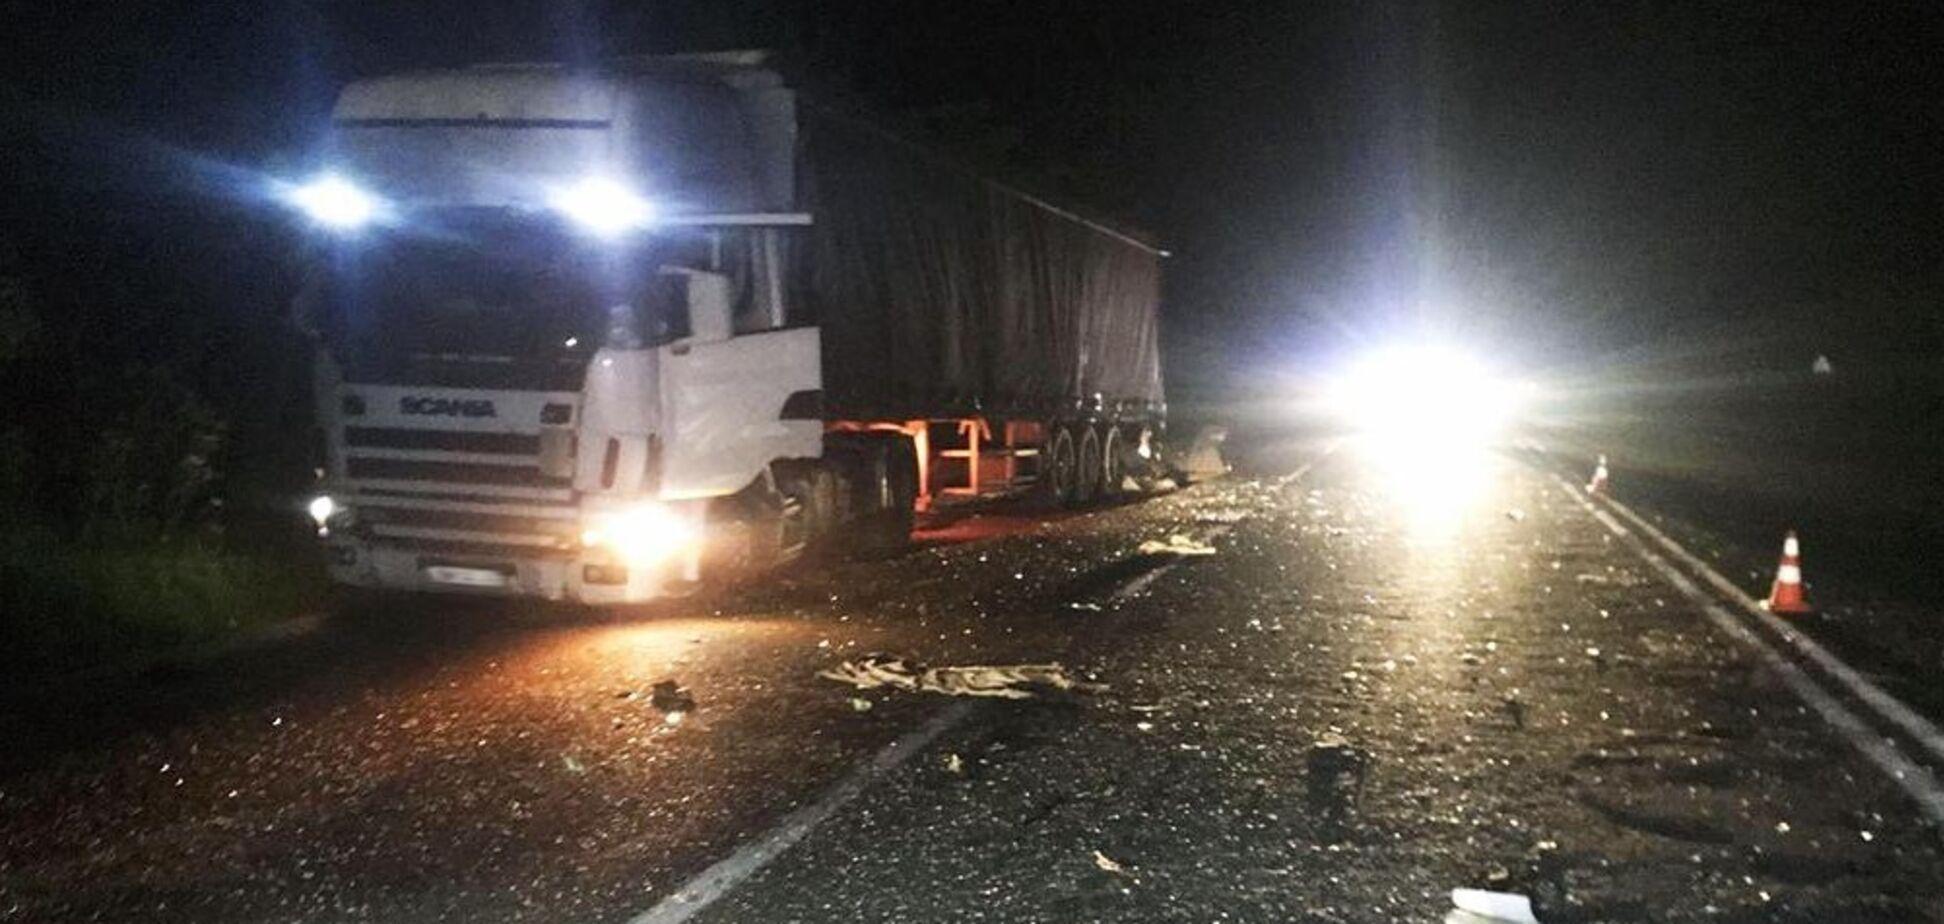 Под Бердичевом автомобиль протаранил грузовик: один человек погиб, двое в реанимации. Фото